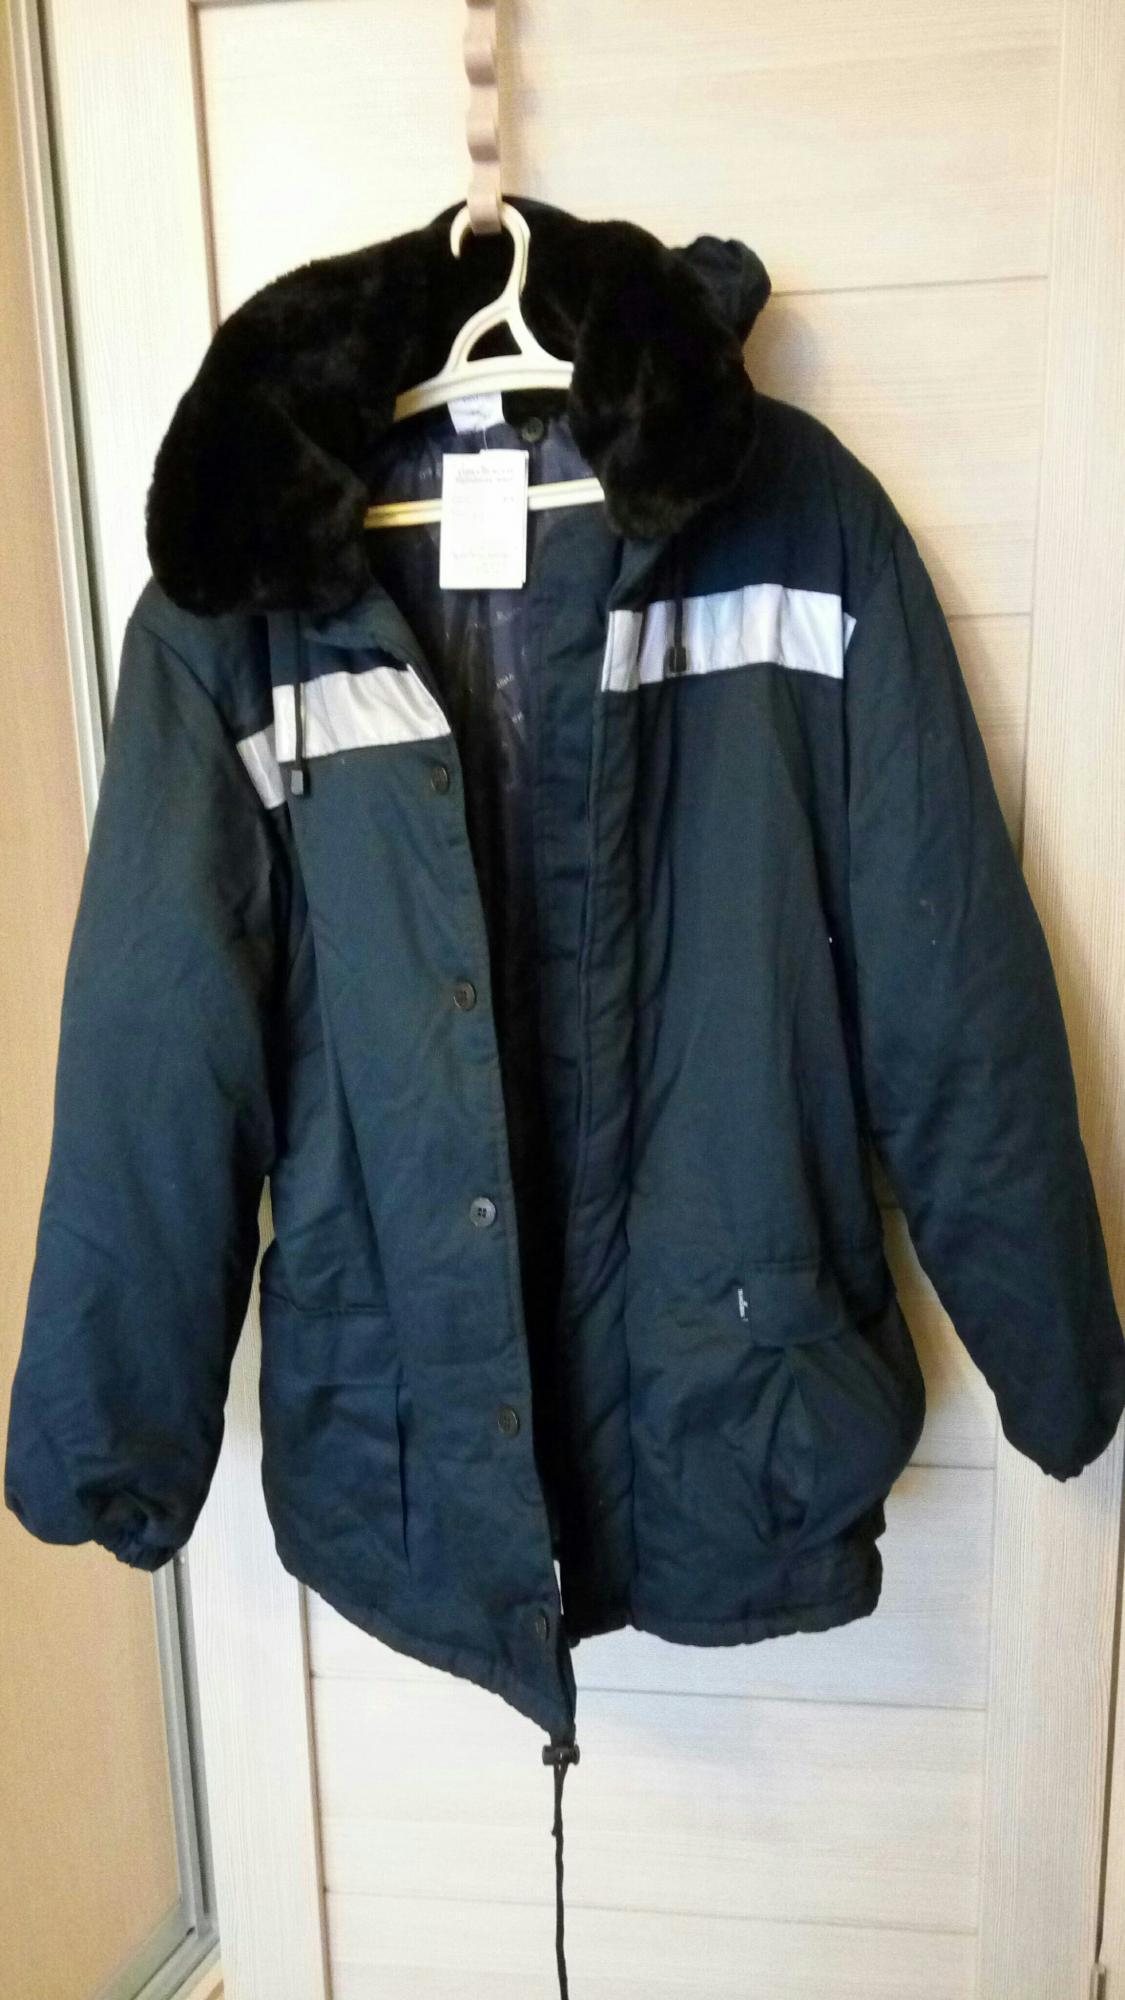 Куртка зимняя. Размер 56-58. Новая! в Зеленограде 89055246798 купить 1